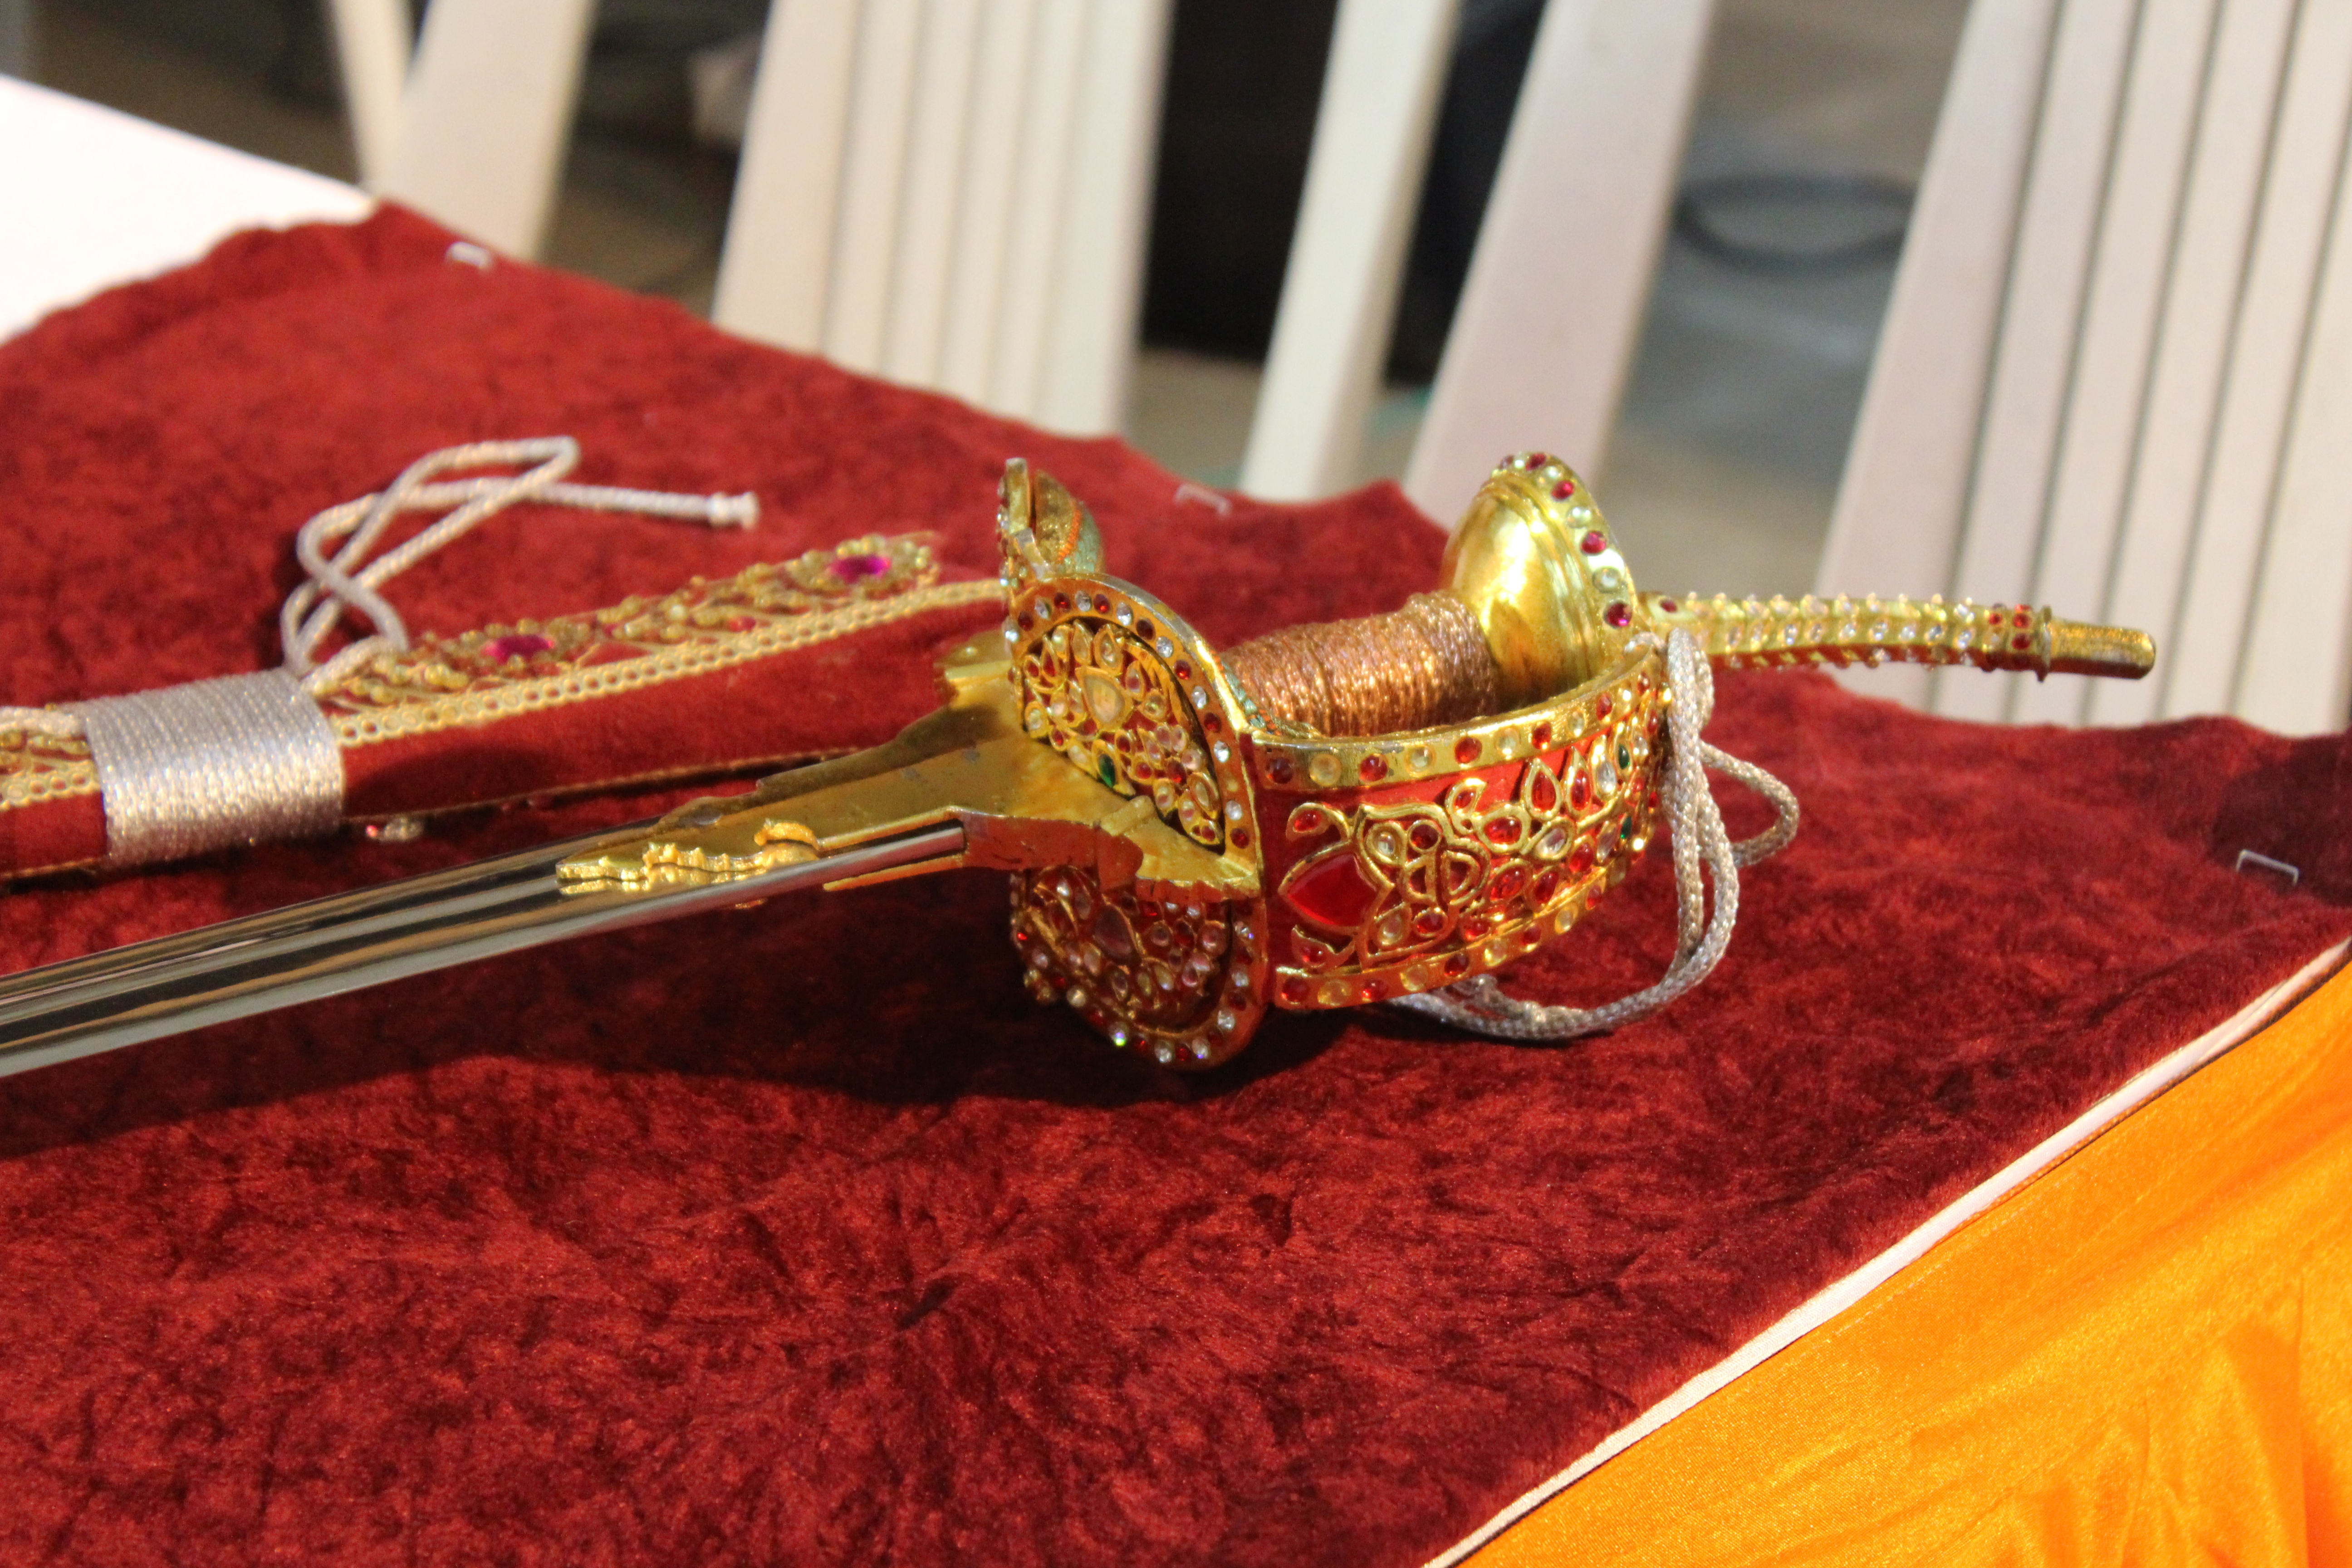 FileReplica of Shivaji's sword 20.jpg   Wikimedia Commons